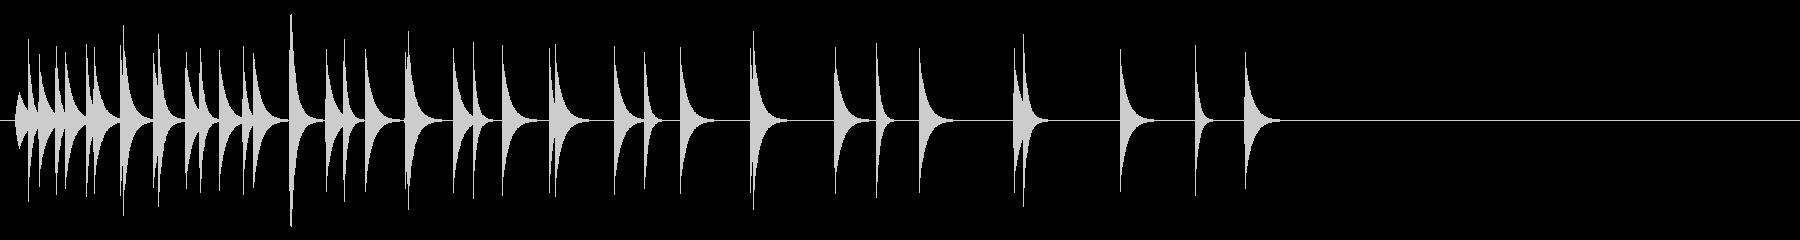 KANTクリックスクロール効果音2810の未再生の波形